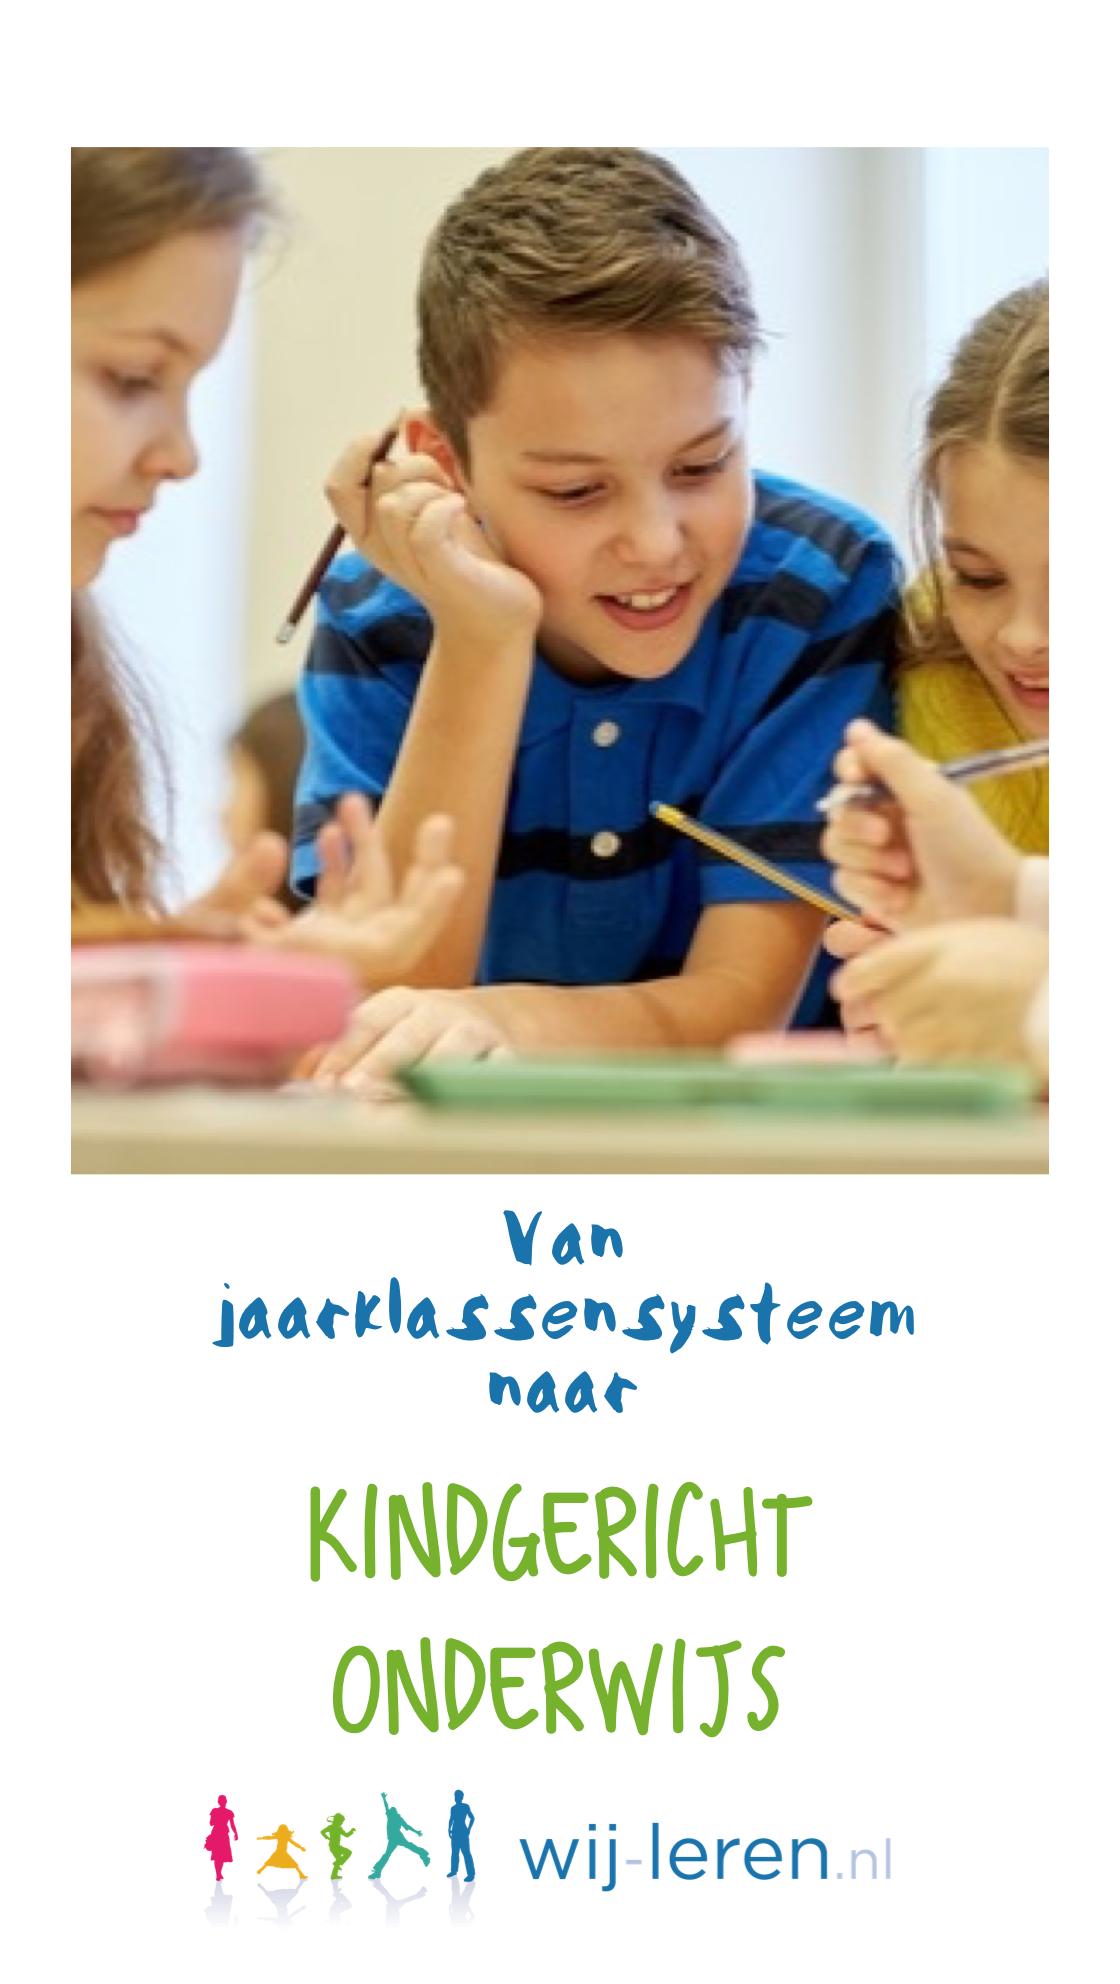 Kindgericht onderwijs